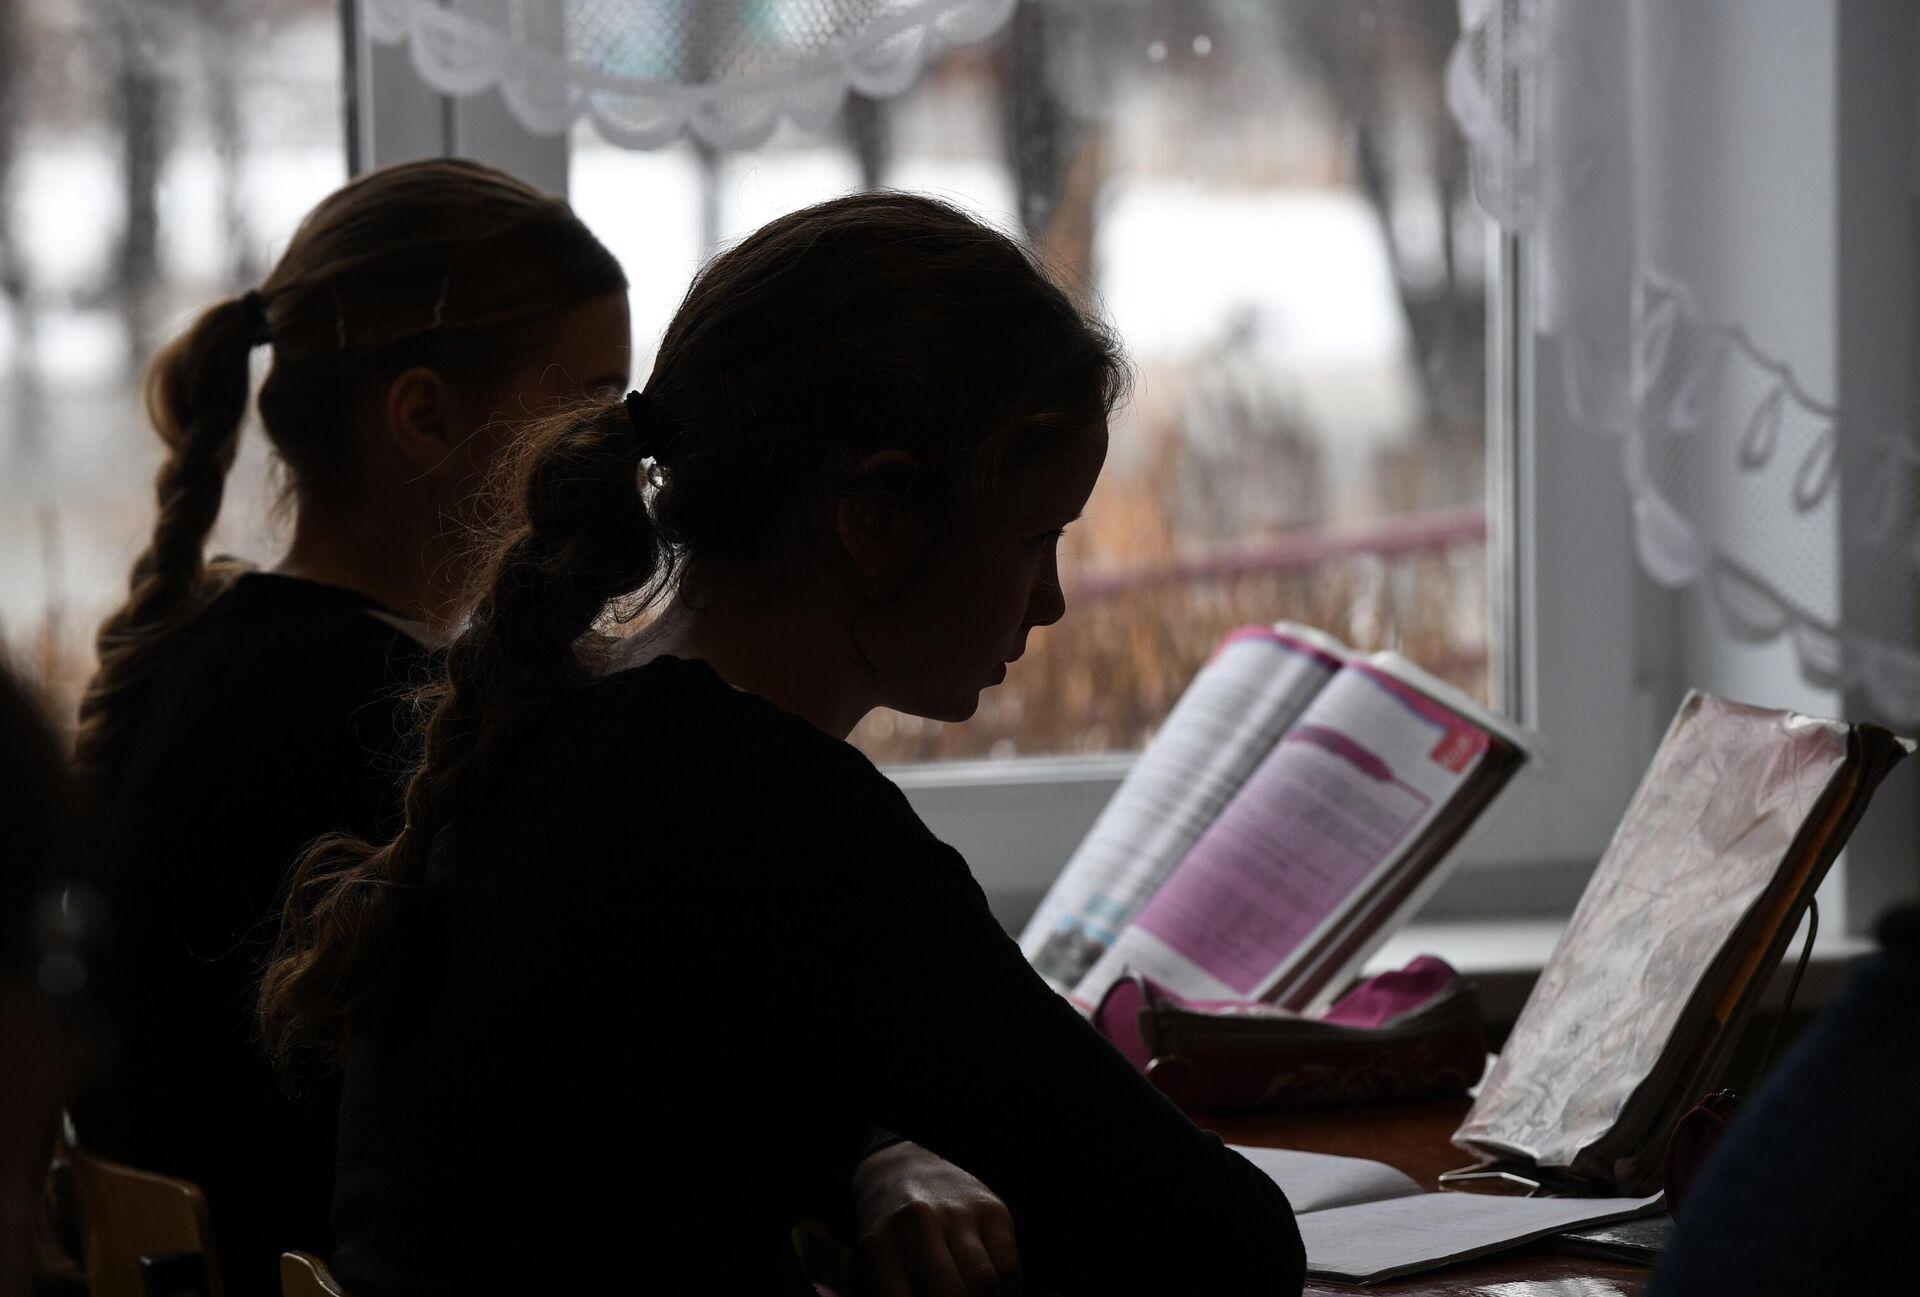 Ученицы на уроке в деревенской школе - РИА Новости, 1920, 12.05.2021